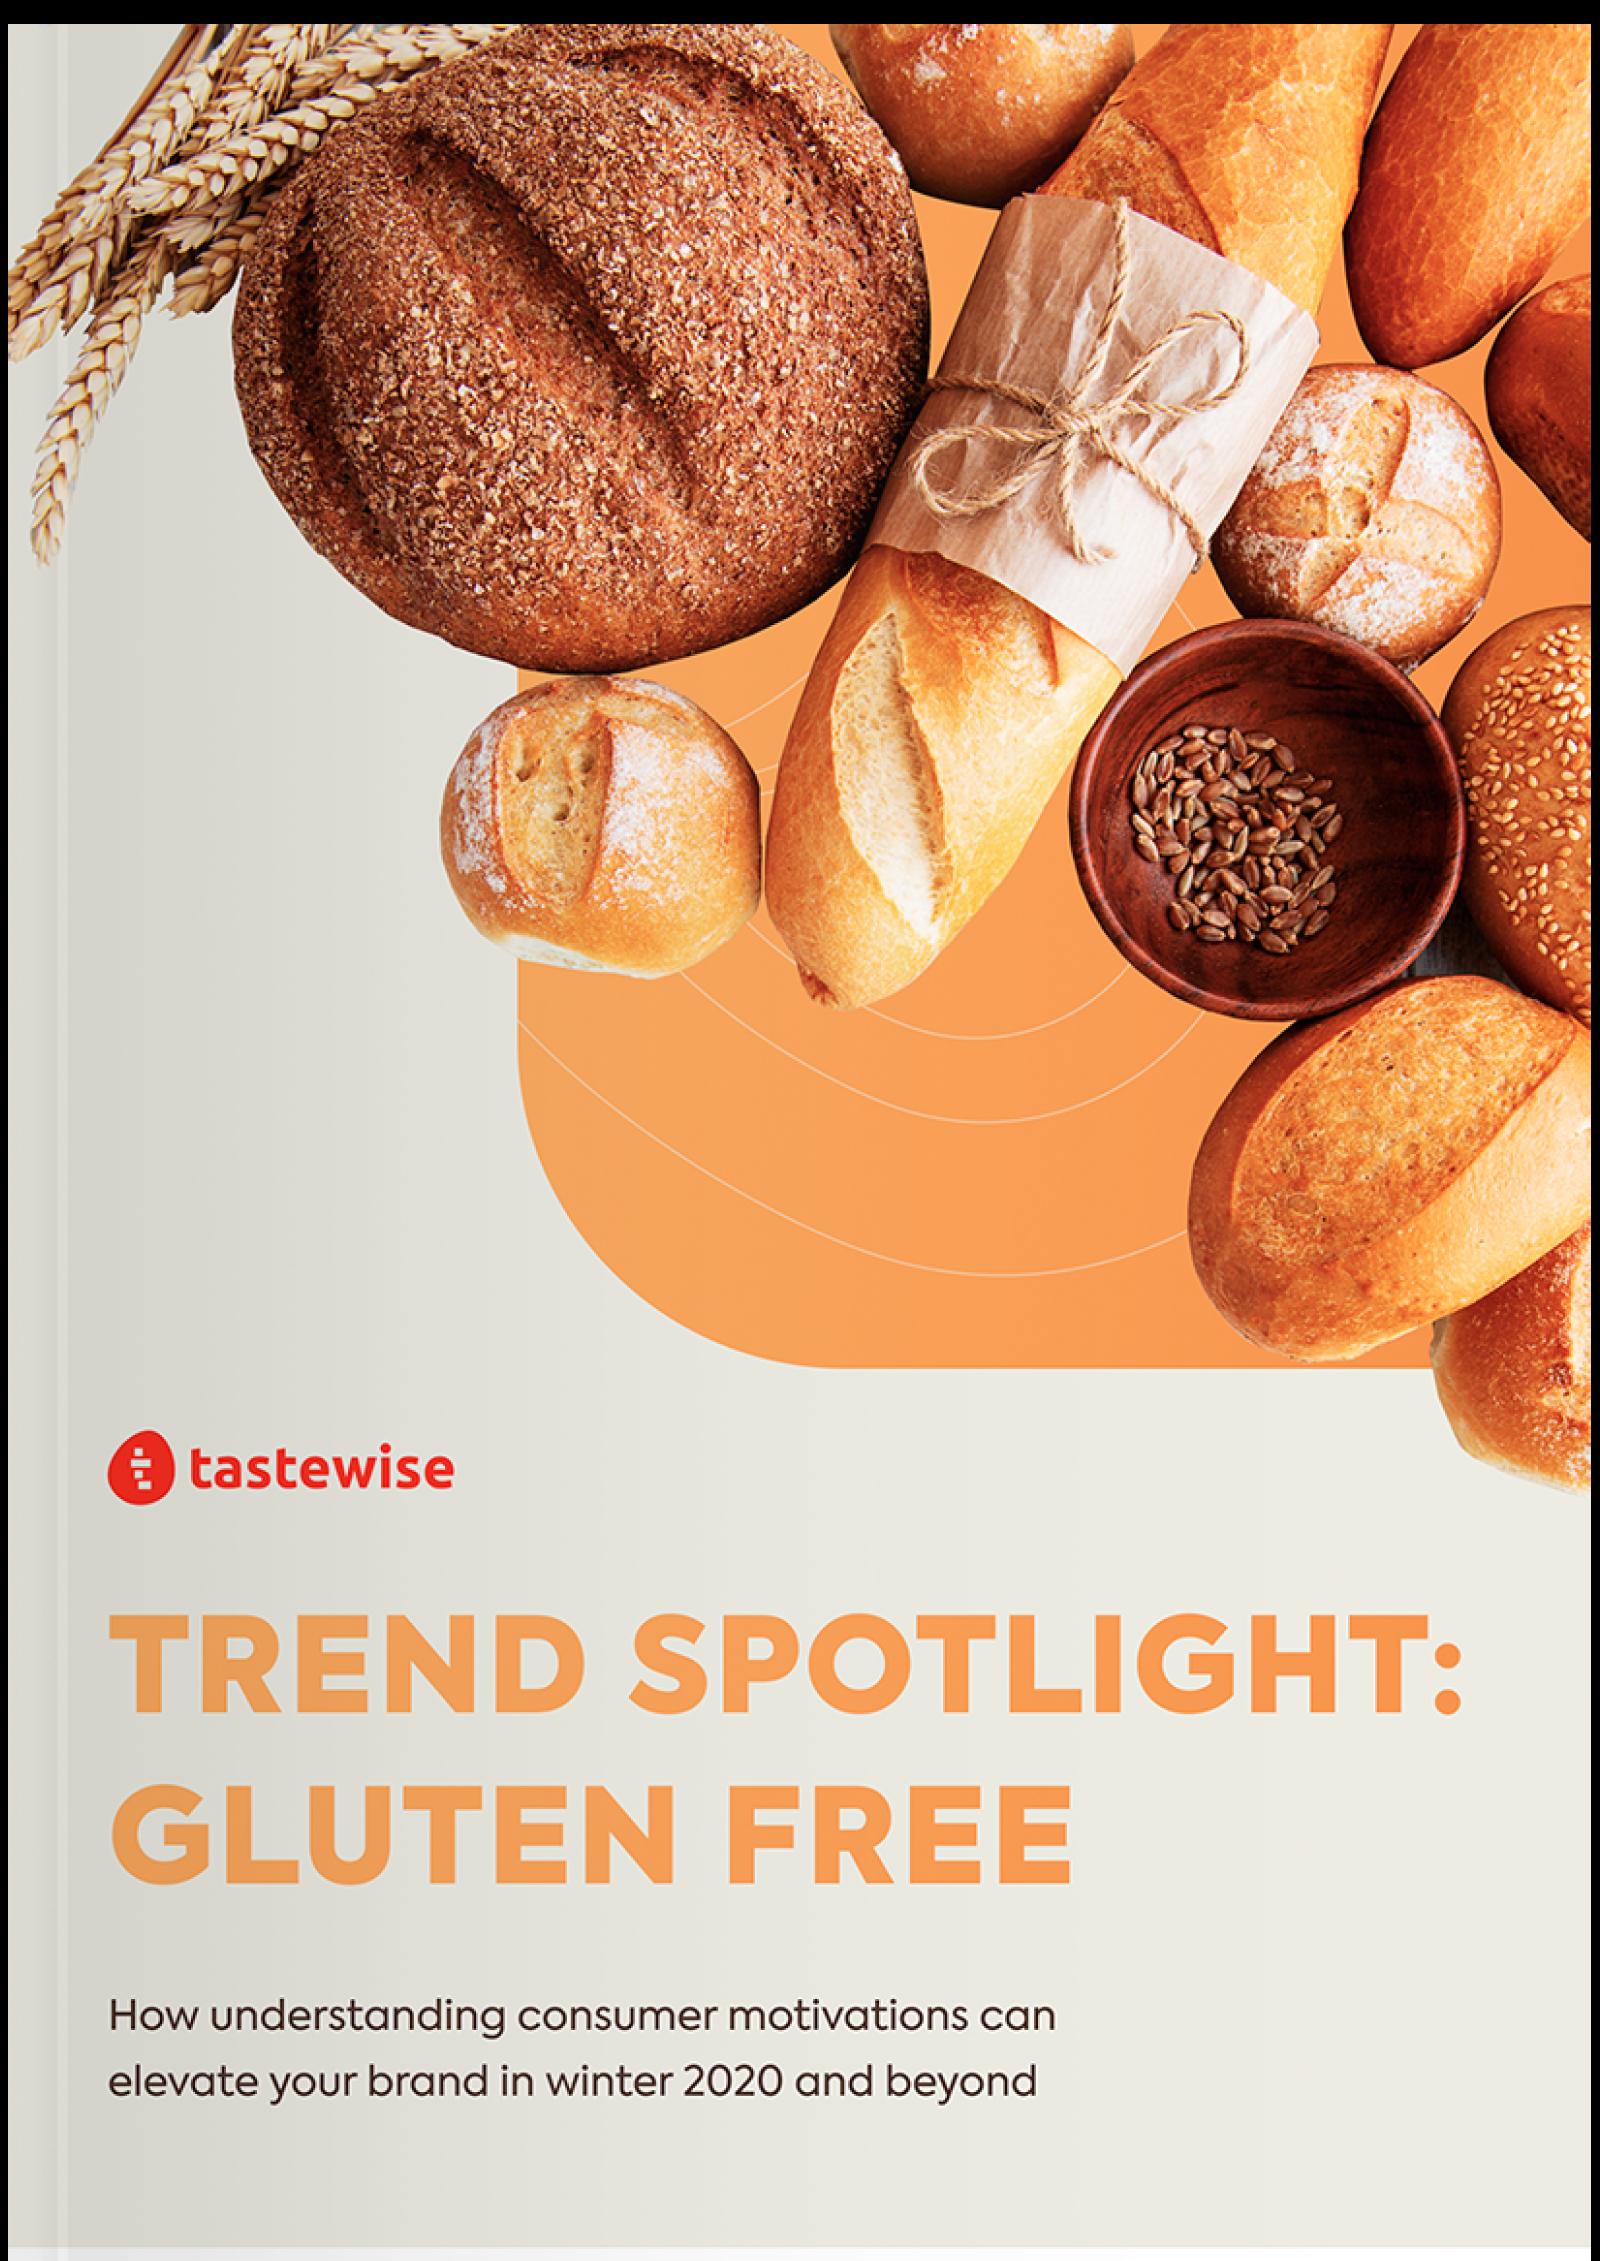 Trend Spotlight: Gluten Free